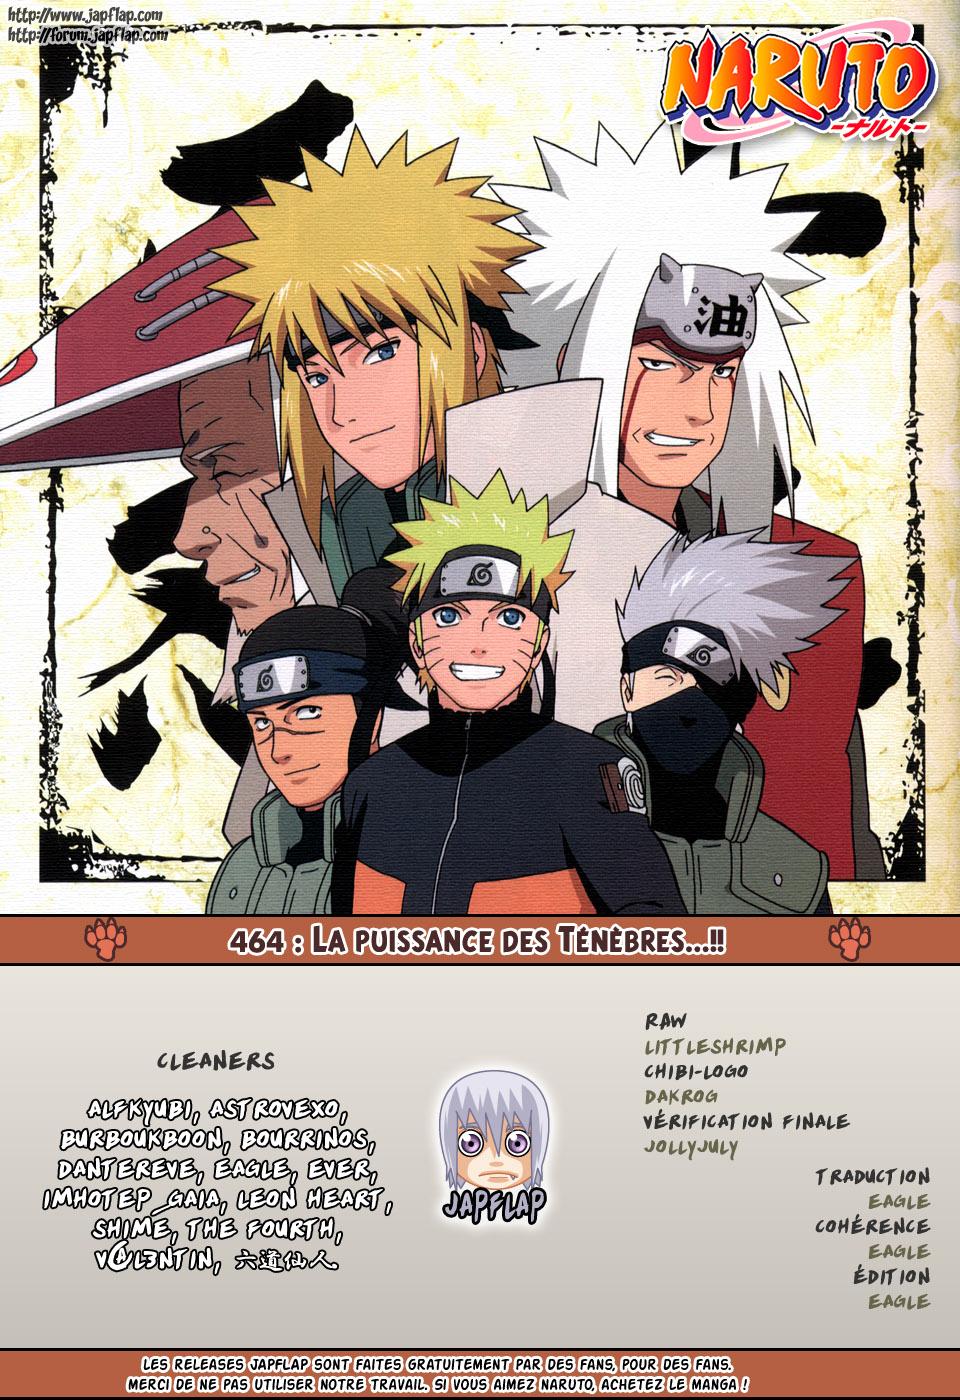 Naruto chapitre 464 - Page 17